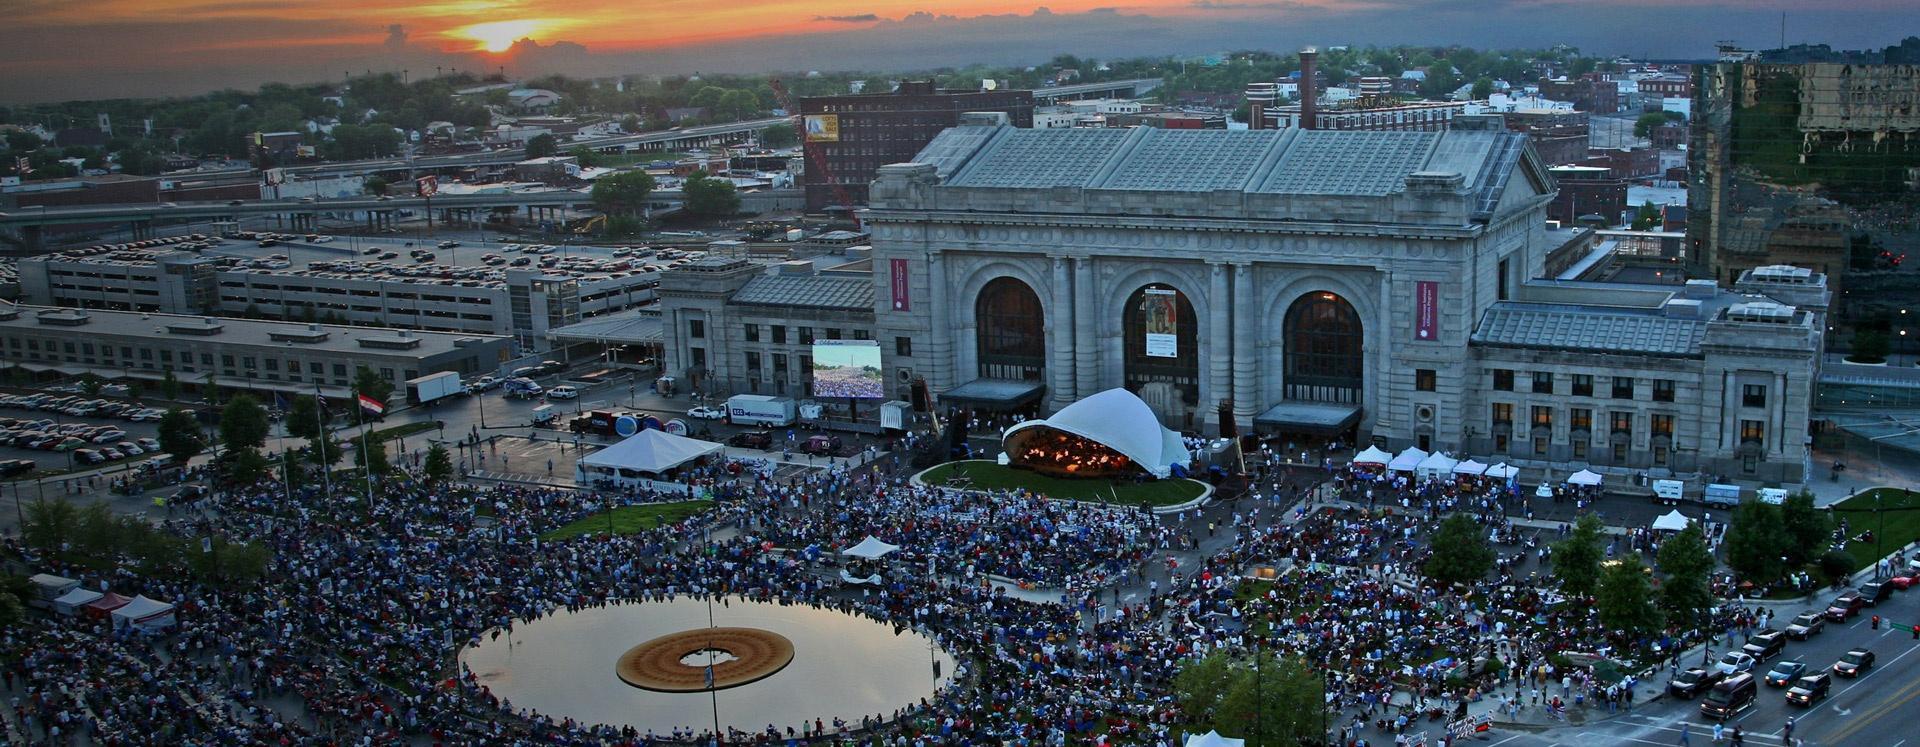 Union Station Concert